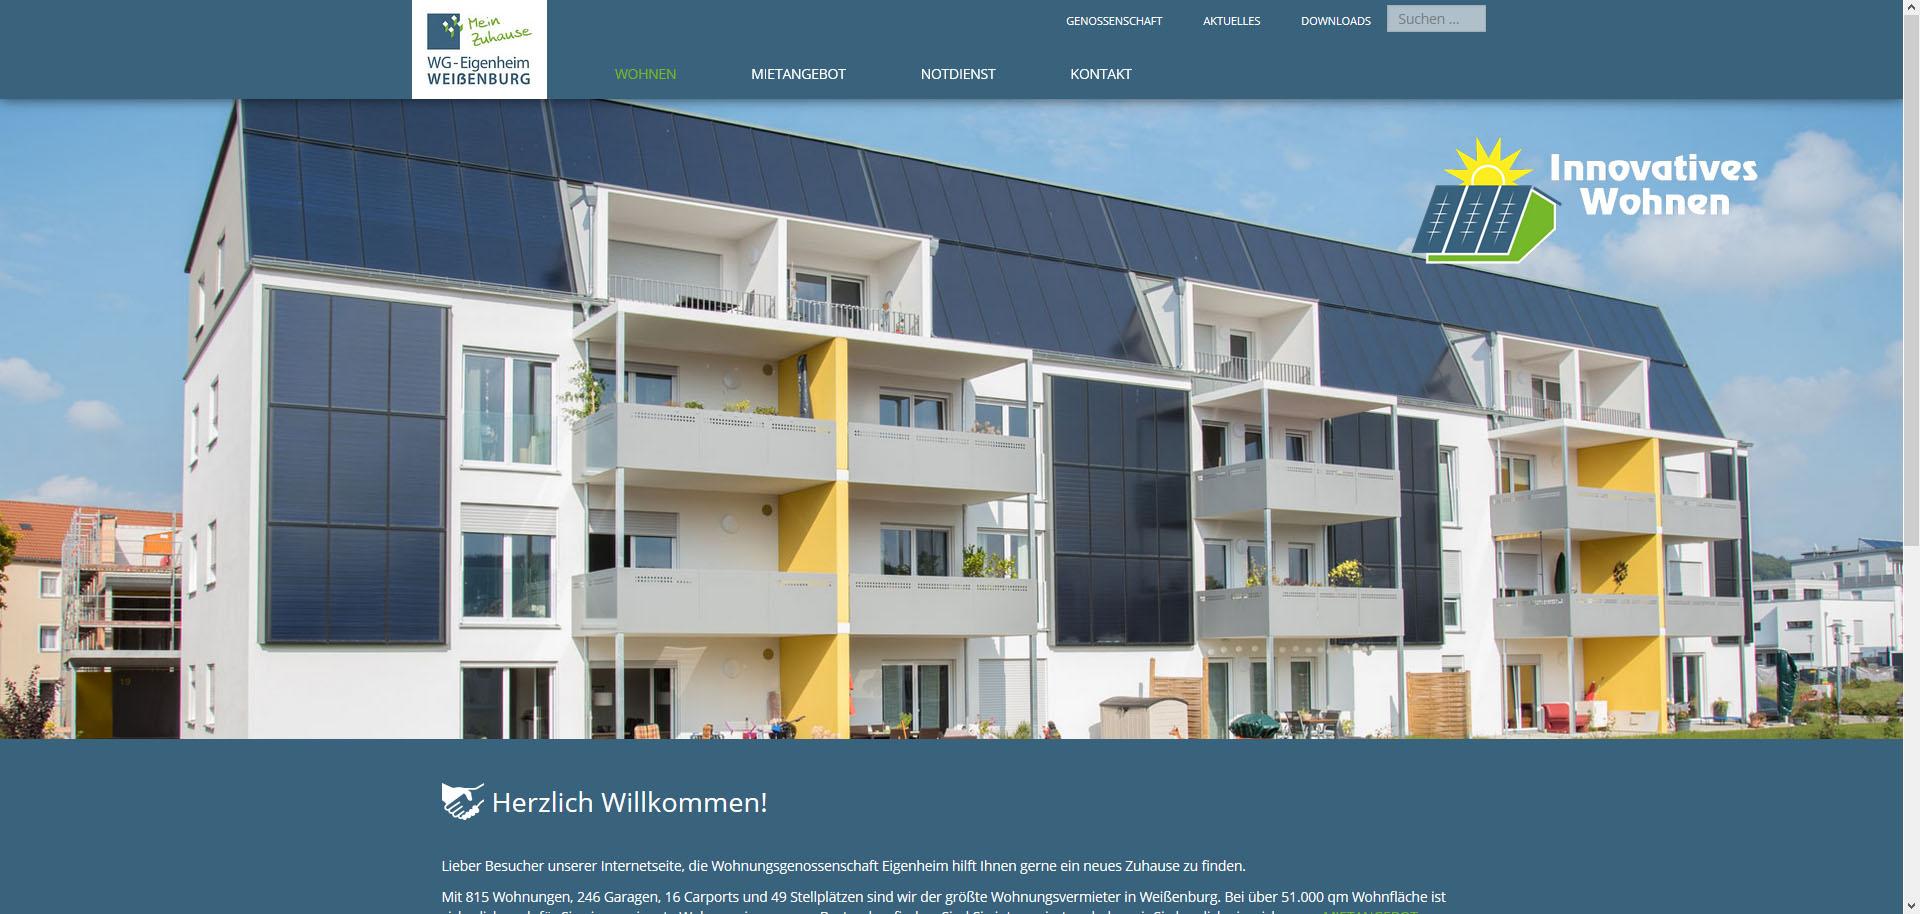 Wohnungsgenossenschaft Eigenheim eG Weißenburg